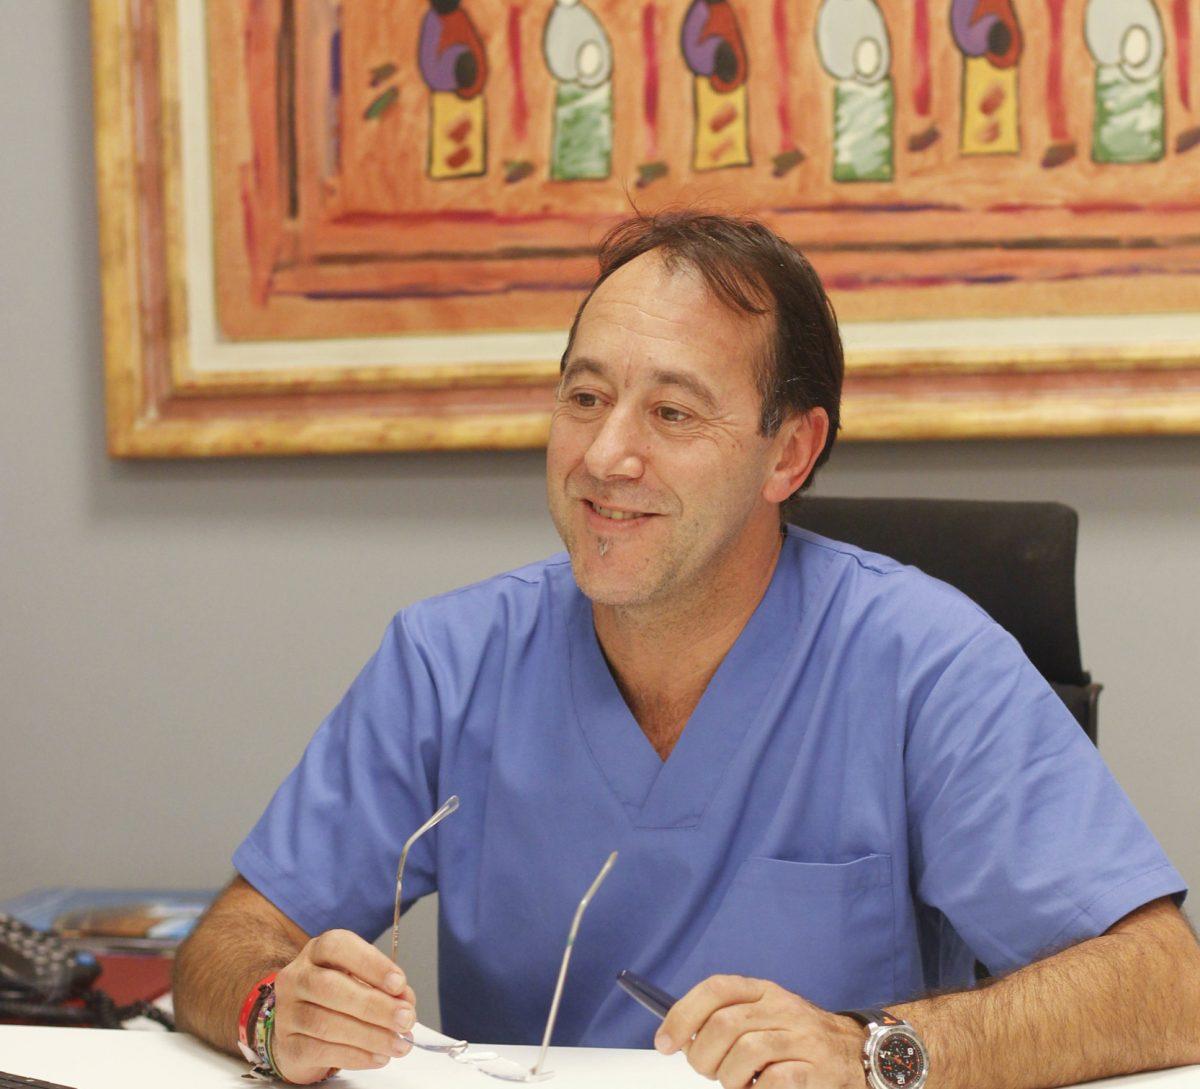 dentista254_rec-1200x1089.jpg